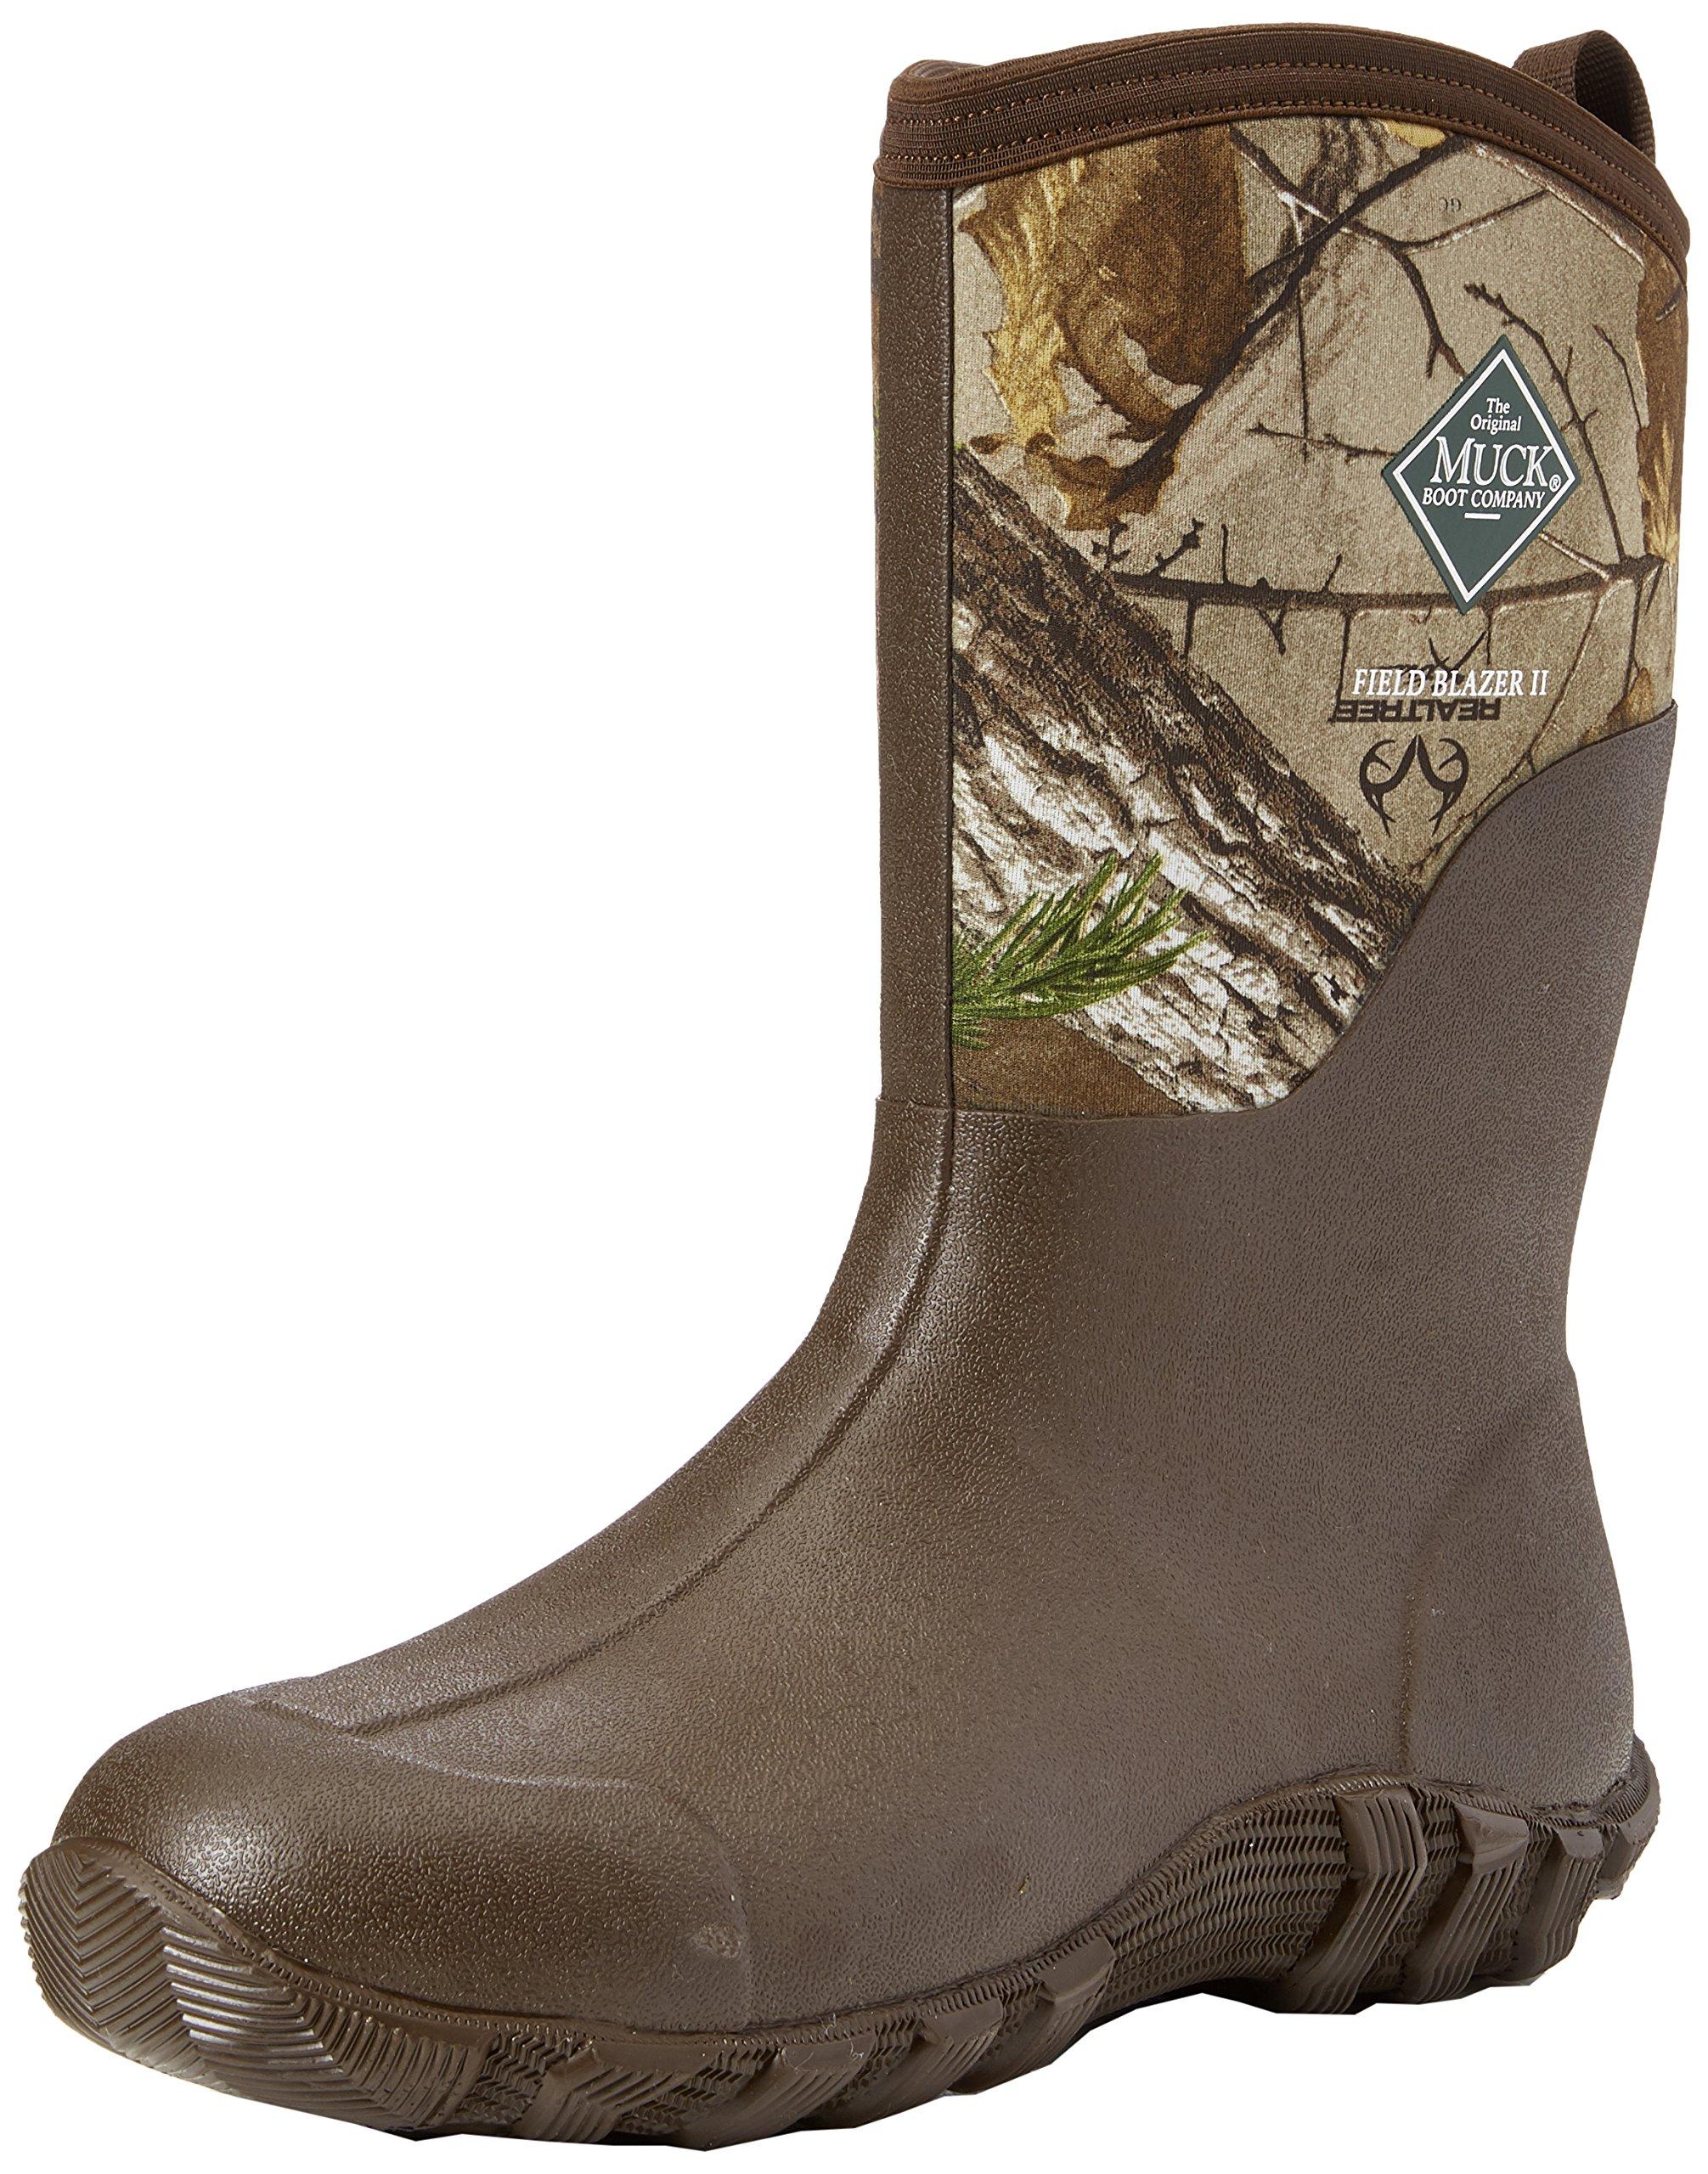 Muck Boot Men's Fieldblazer 2 Mid Calf Boot, Realtree Extra, 10 Regular US